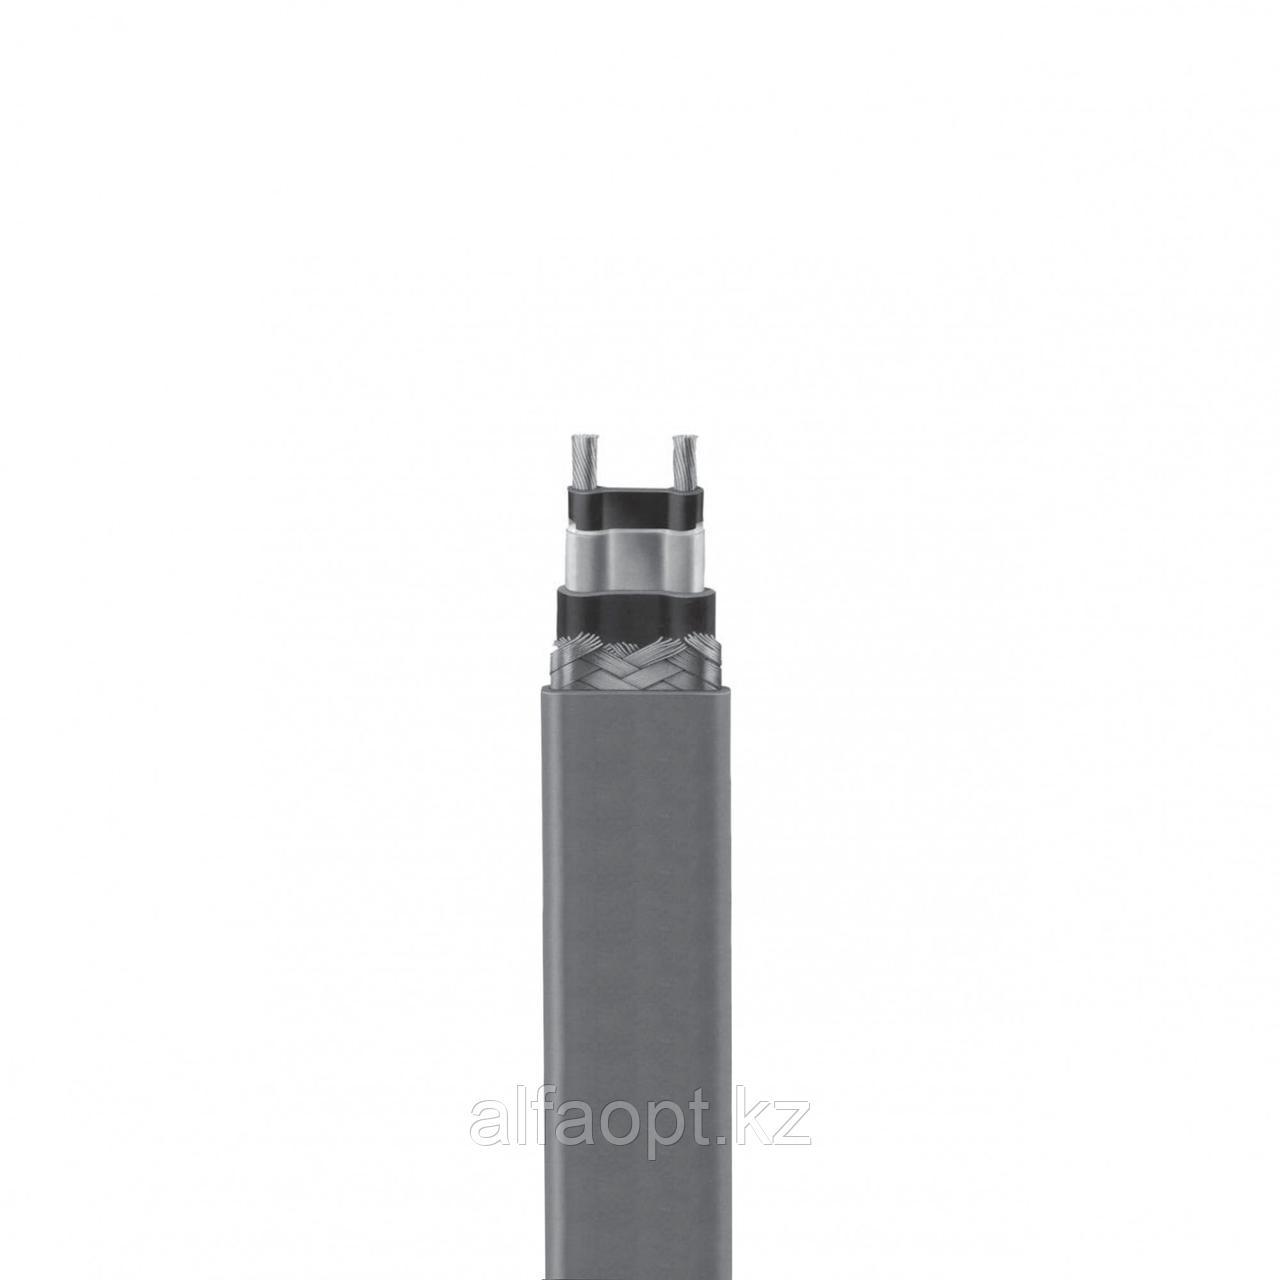 Саморегулирующийся нагревательный кабель NELSON HLT23-J